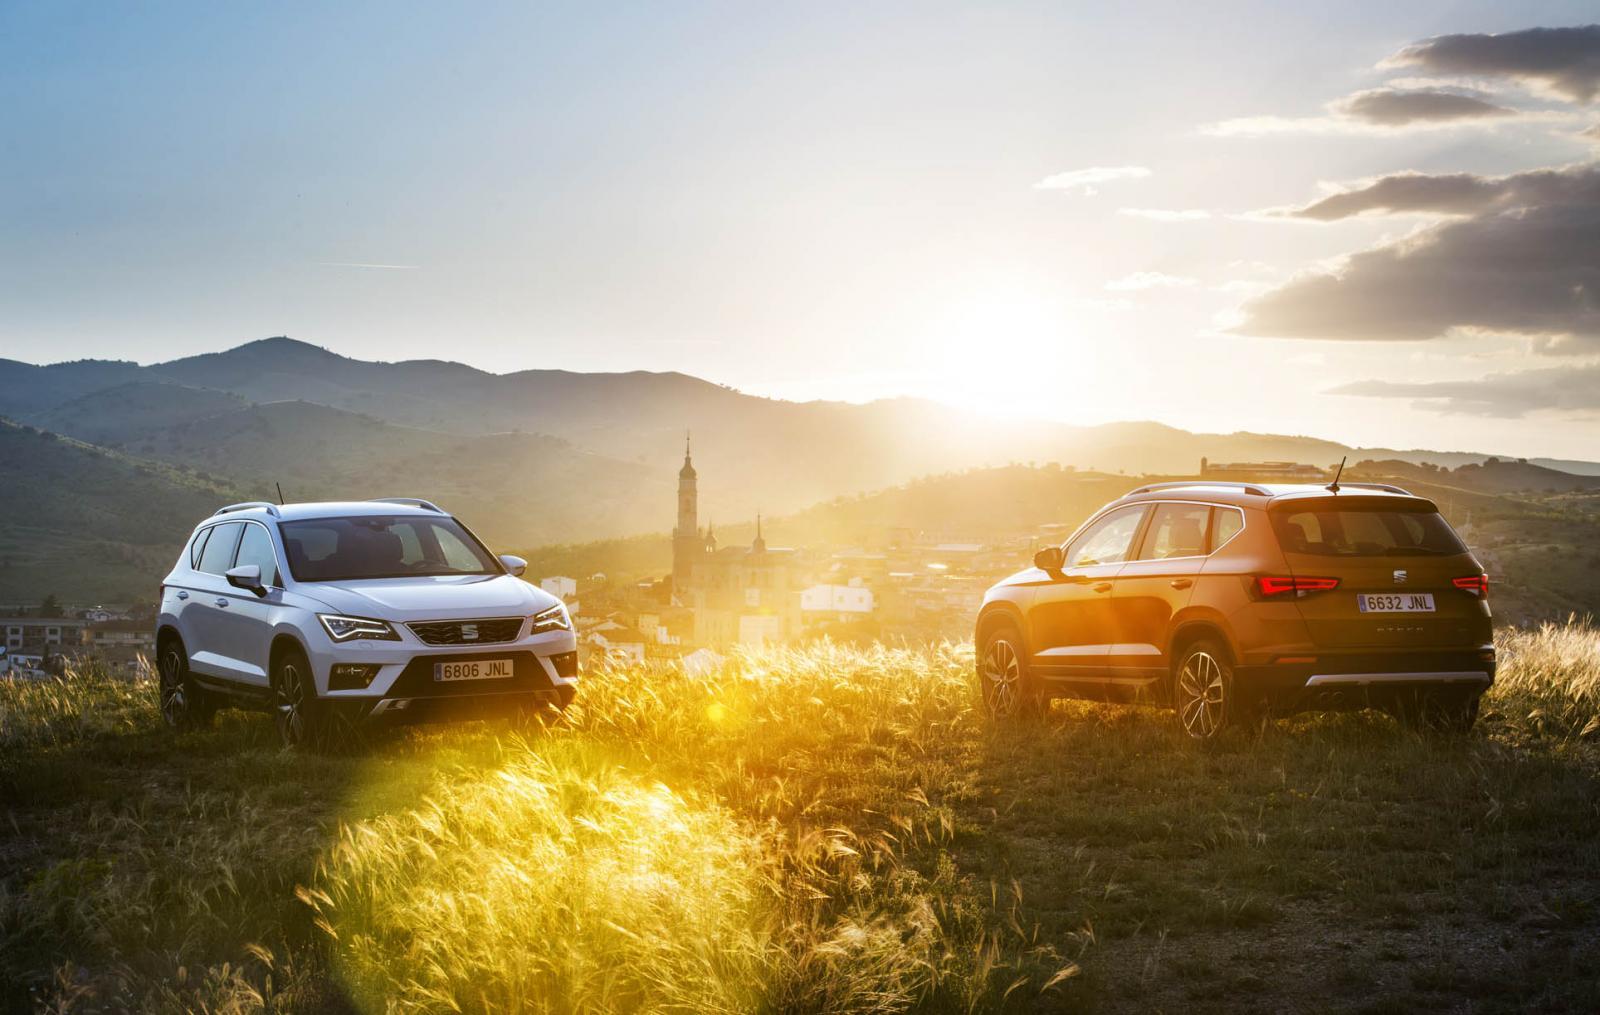 La SEAT Ateca precio mexico está disponible en tres versiones en México